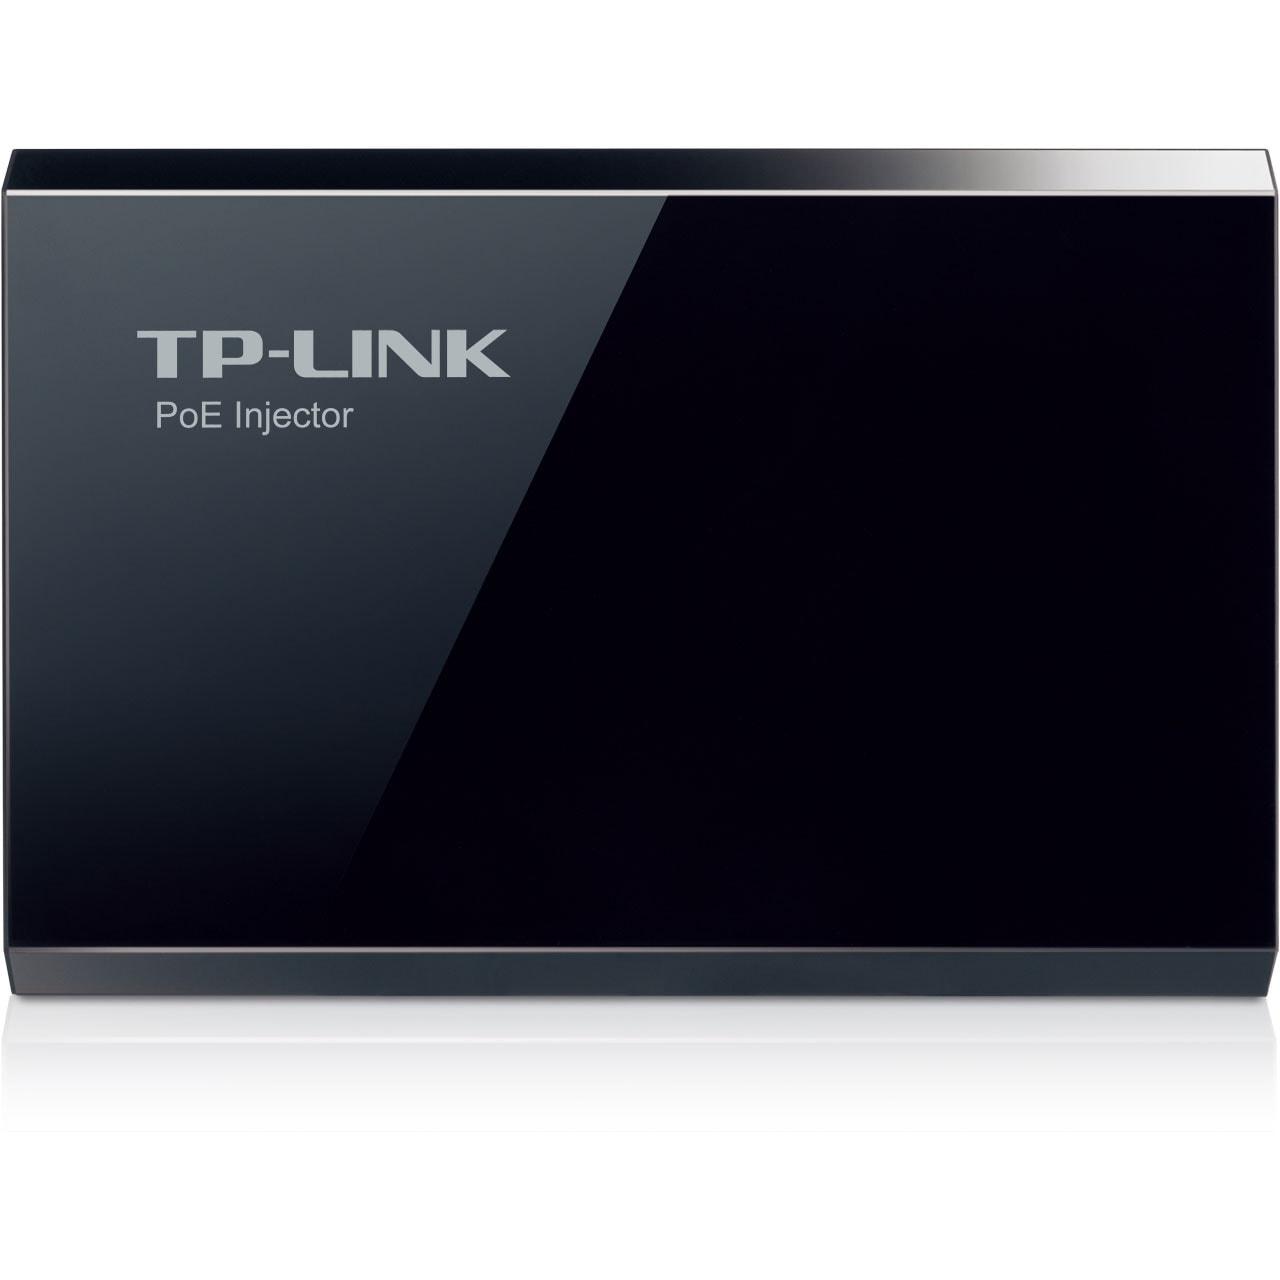 TP-Link Injecteur PoE TL-POE150S (TL-POE150S) - Achat / Vente Réseau divers sur Cybertek.fr - 1